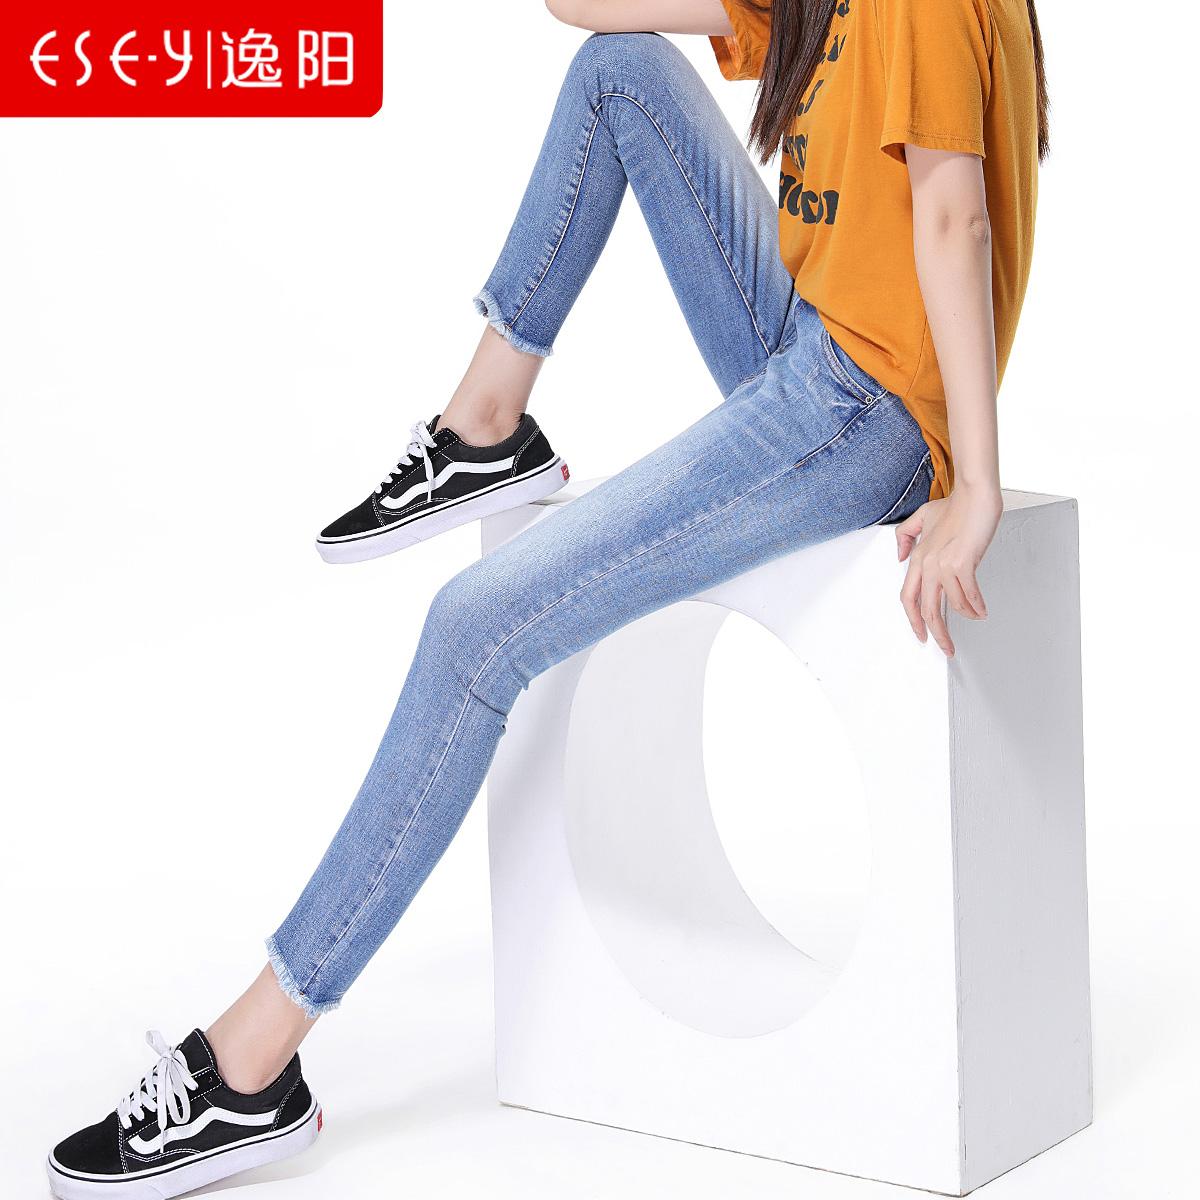 逸阳女裤2018秋季新款浅色牛仔裤女九分裤小脚学生修身显瘦铅笔裤